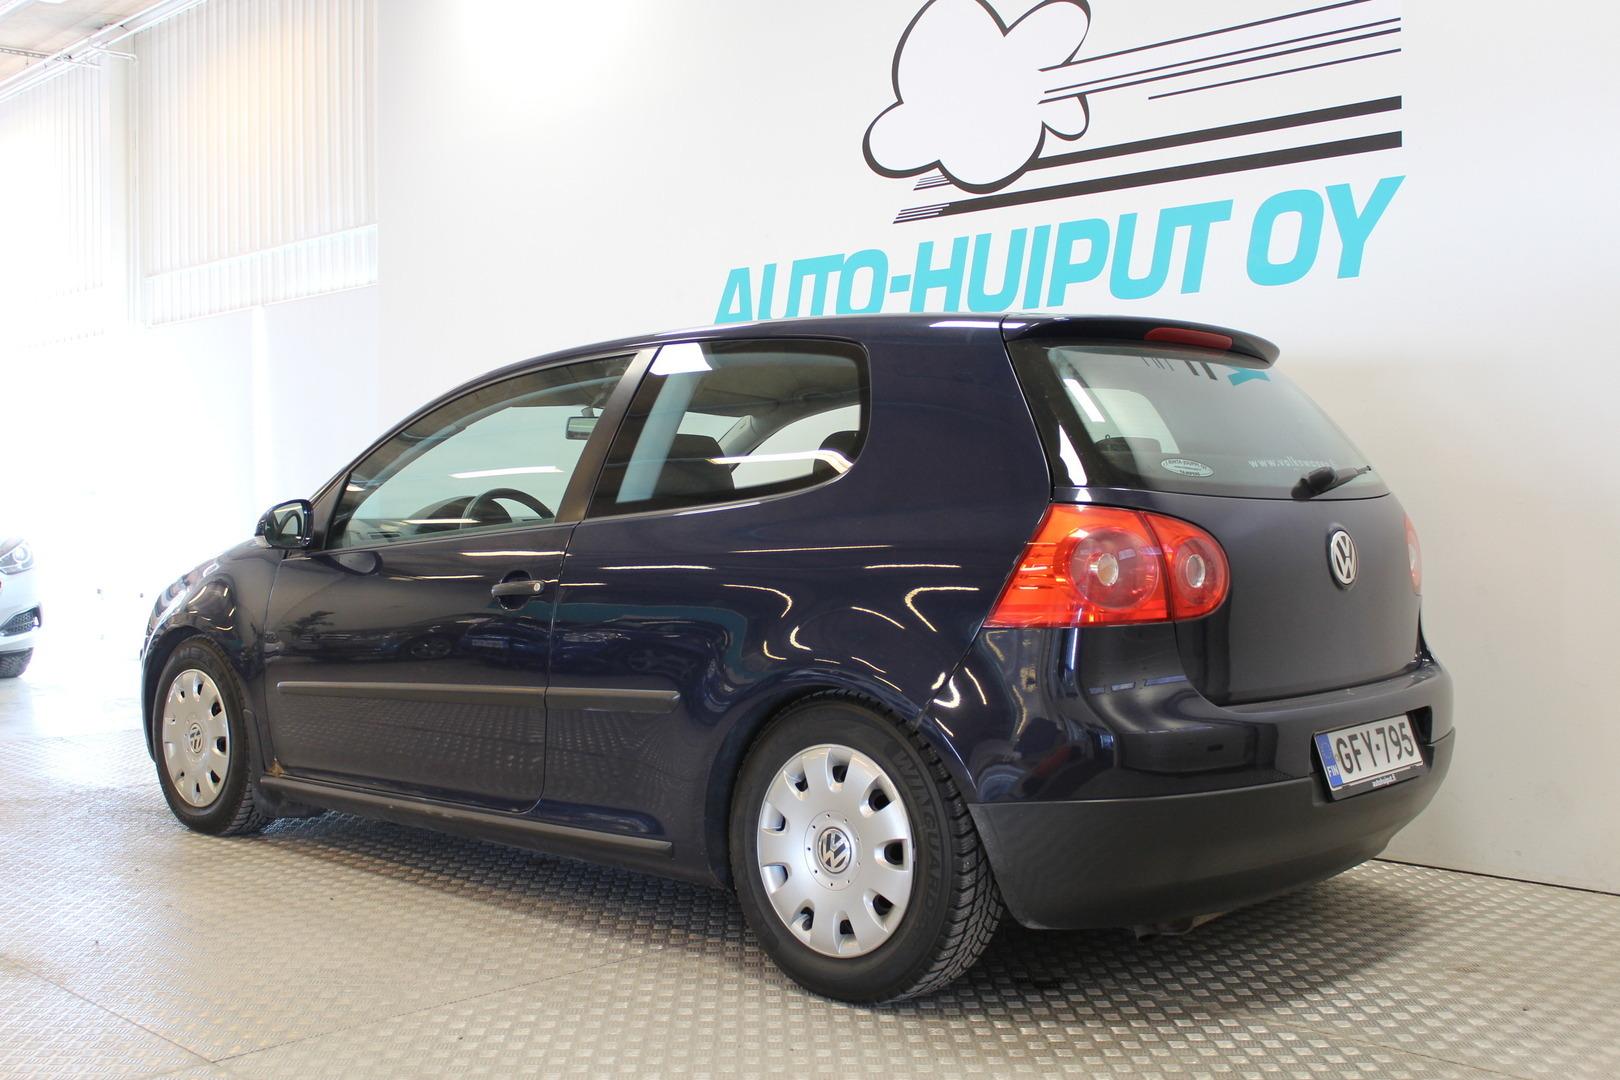 Volkswagen Golf, 1,4l HATCHBACK  **Juuri tullut** #Asiallinen #Juuri katsastettu